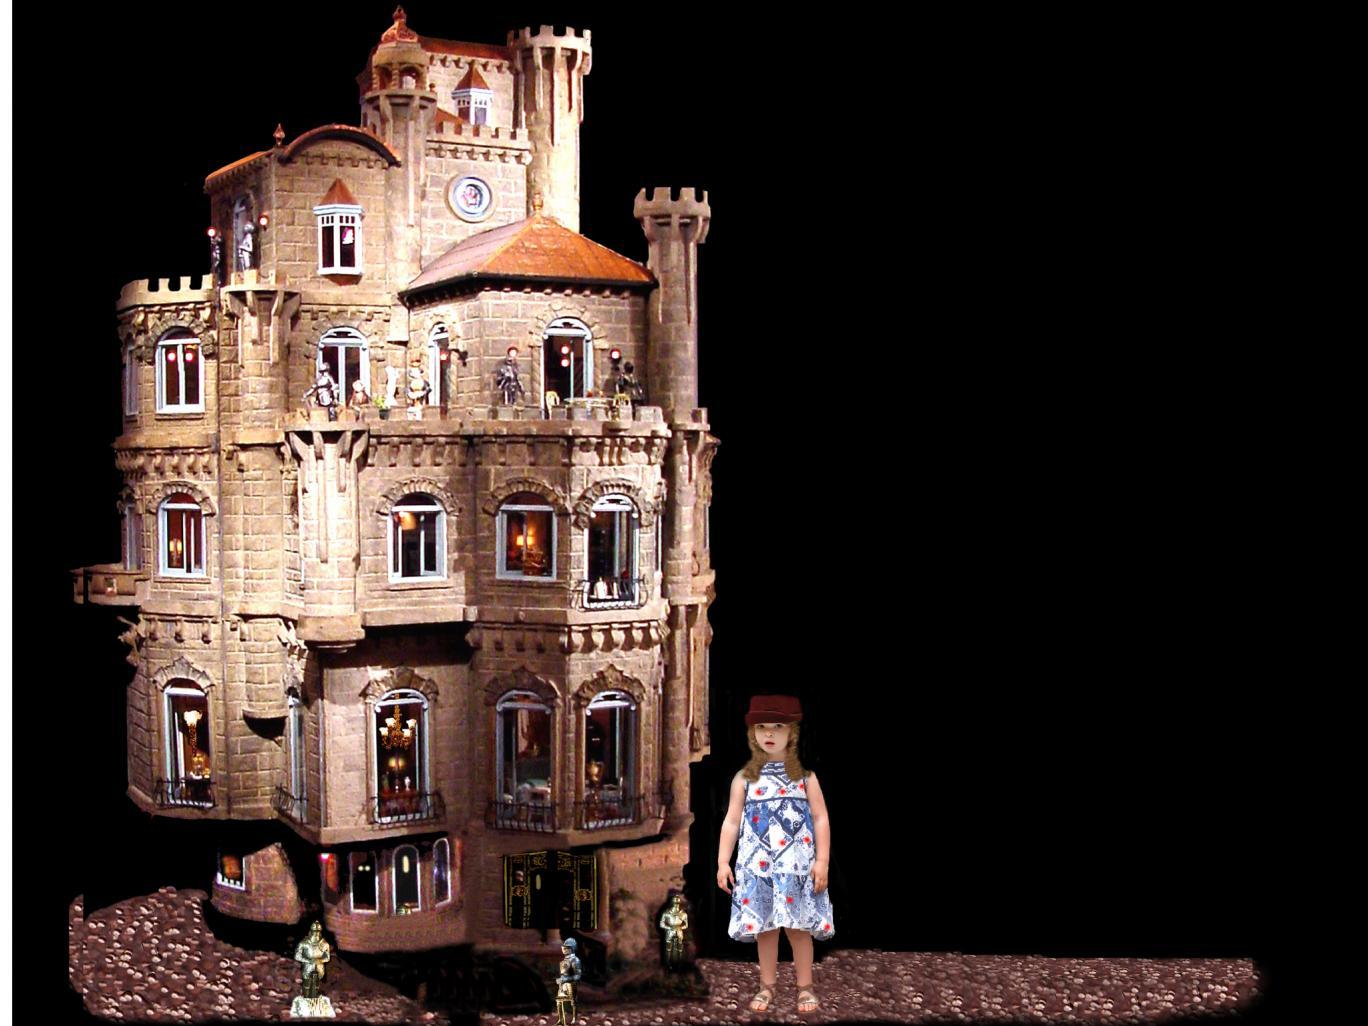 La casa delle bambole pi costosa del mondo costa 8 5 for Piani di casa del vecchio mondo